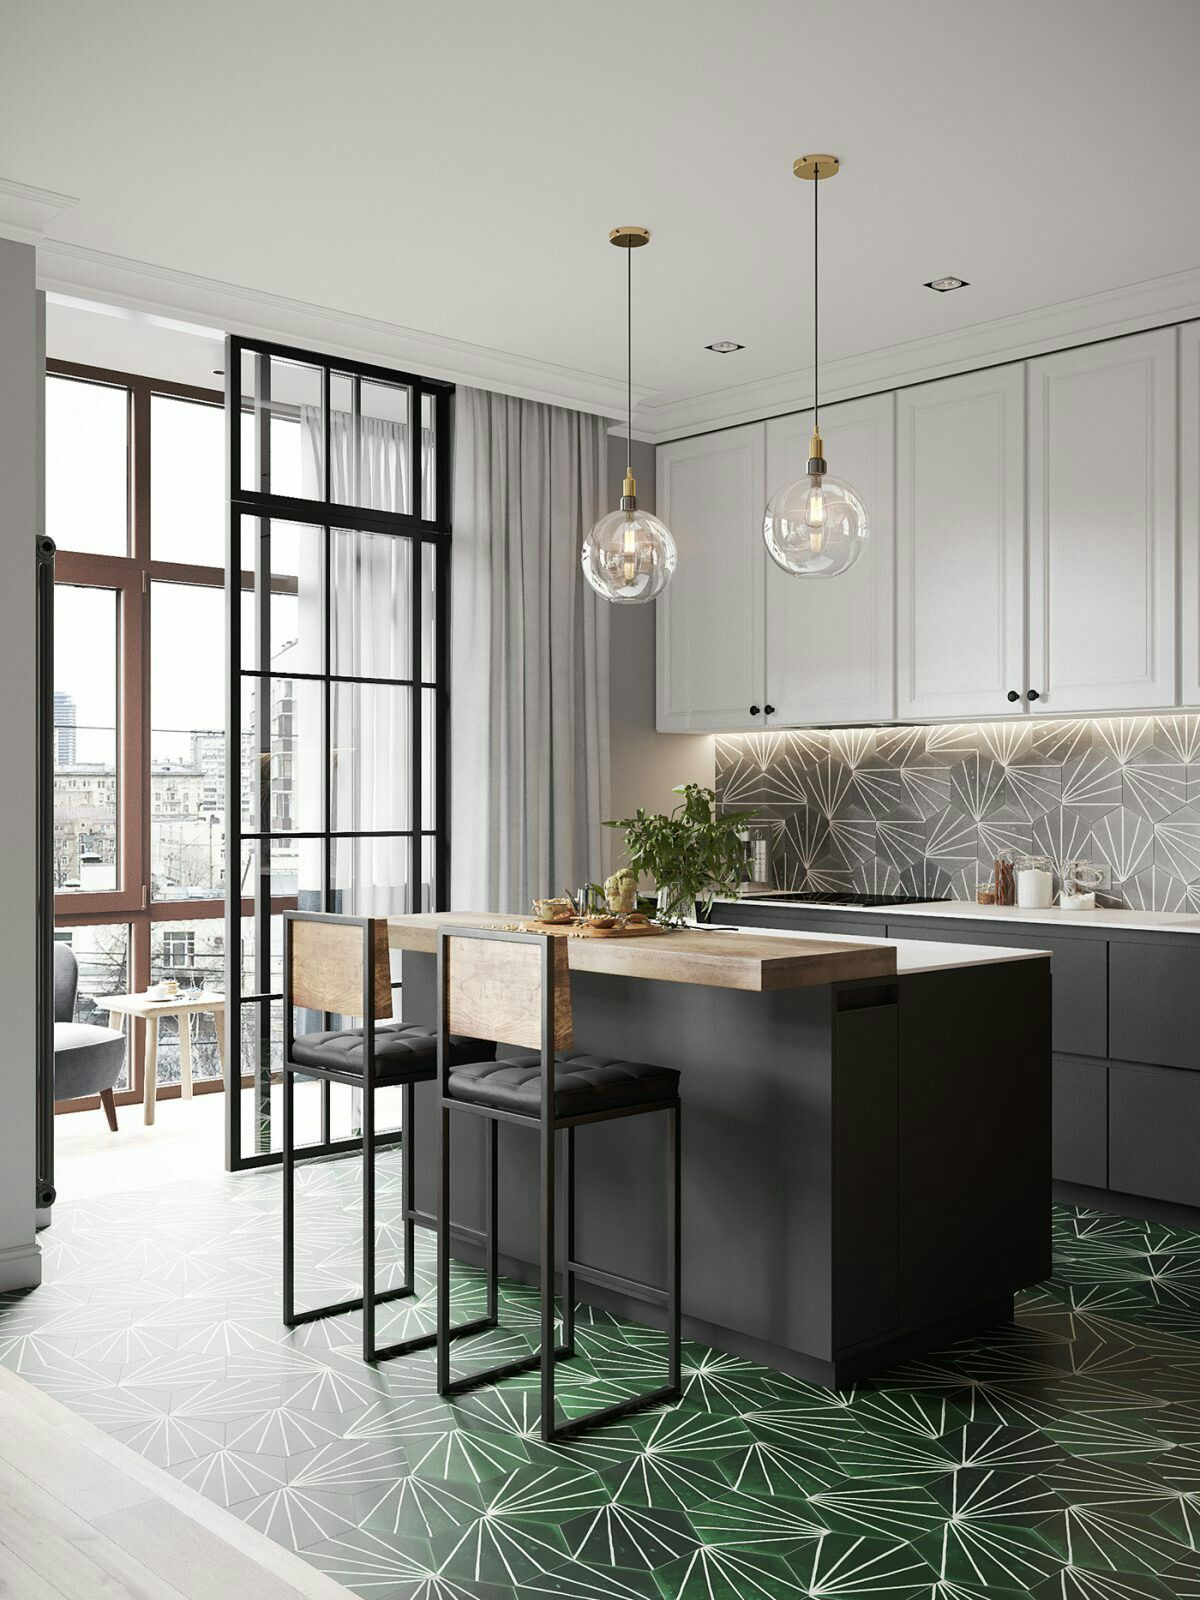 SANTOS. DFP Interiores. Cocina modelo Minos | Kitchen Projects ...